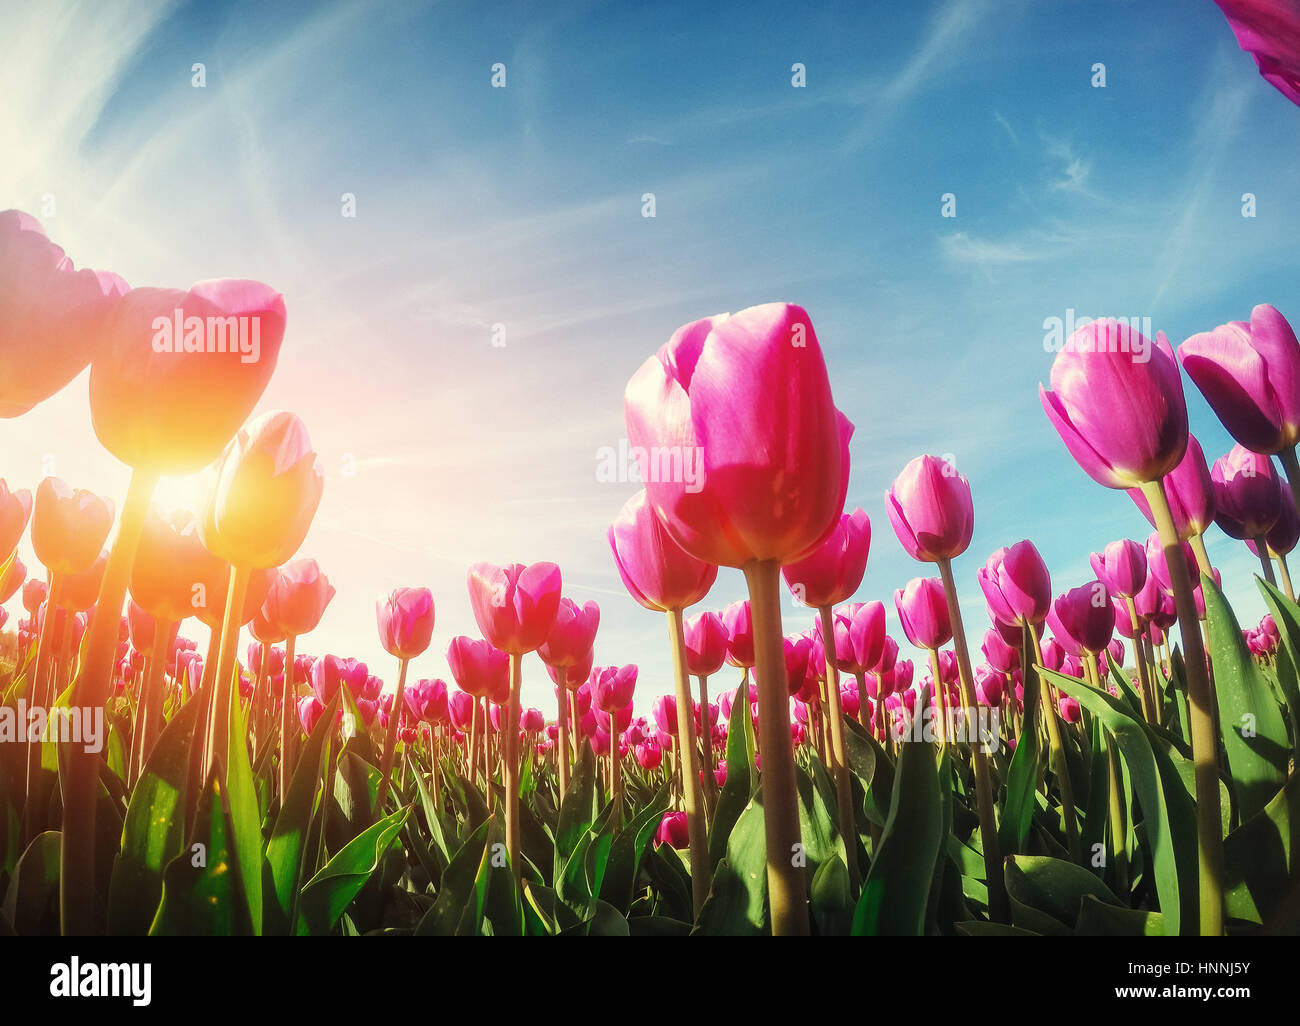 La luz solar a través de un campo de tulipanes rojos. Mundo de belleza. Europa Imagen De Stock